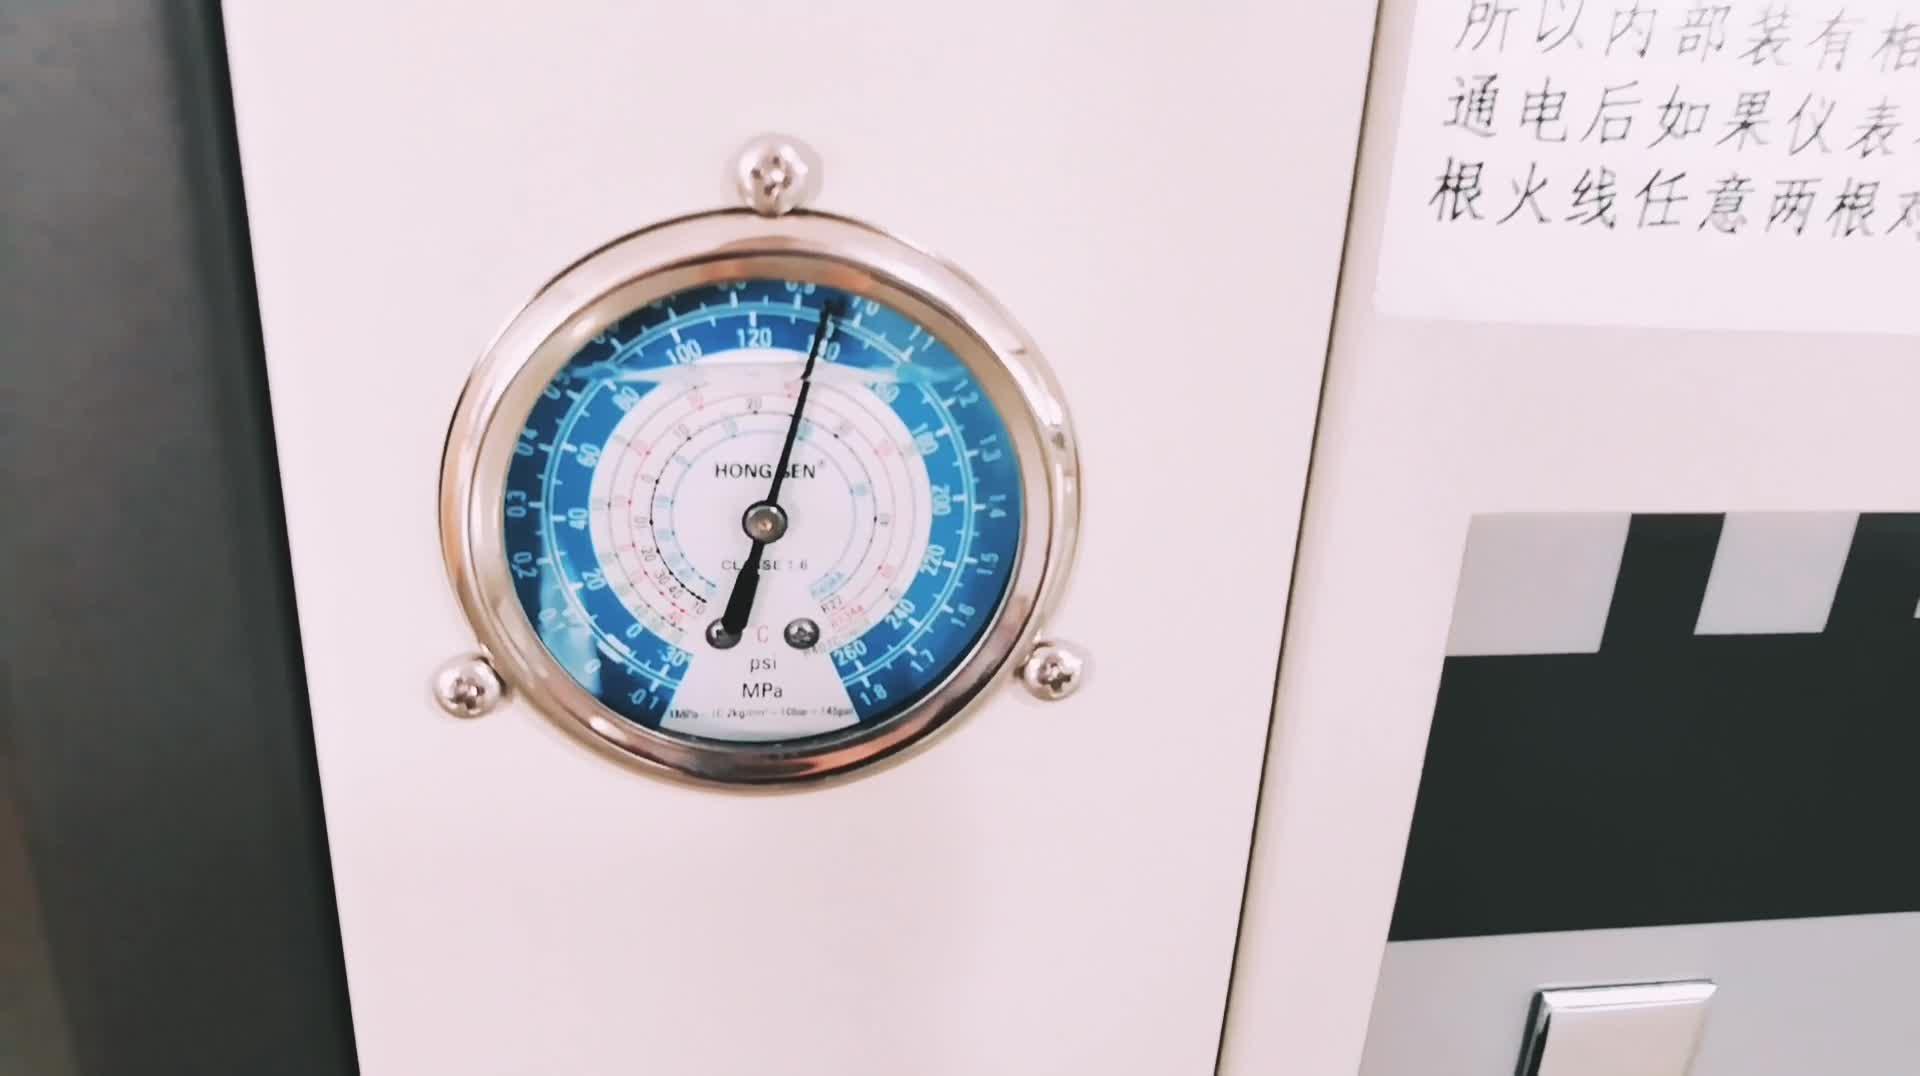 Linbel In Laboratorio La Circolazione Termostato Per Il Riscaldamento E il Raffreddamento-30 Gradi a 200 Gradi